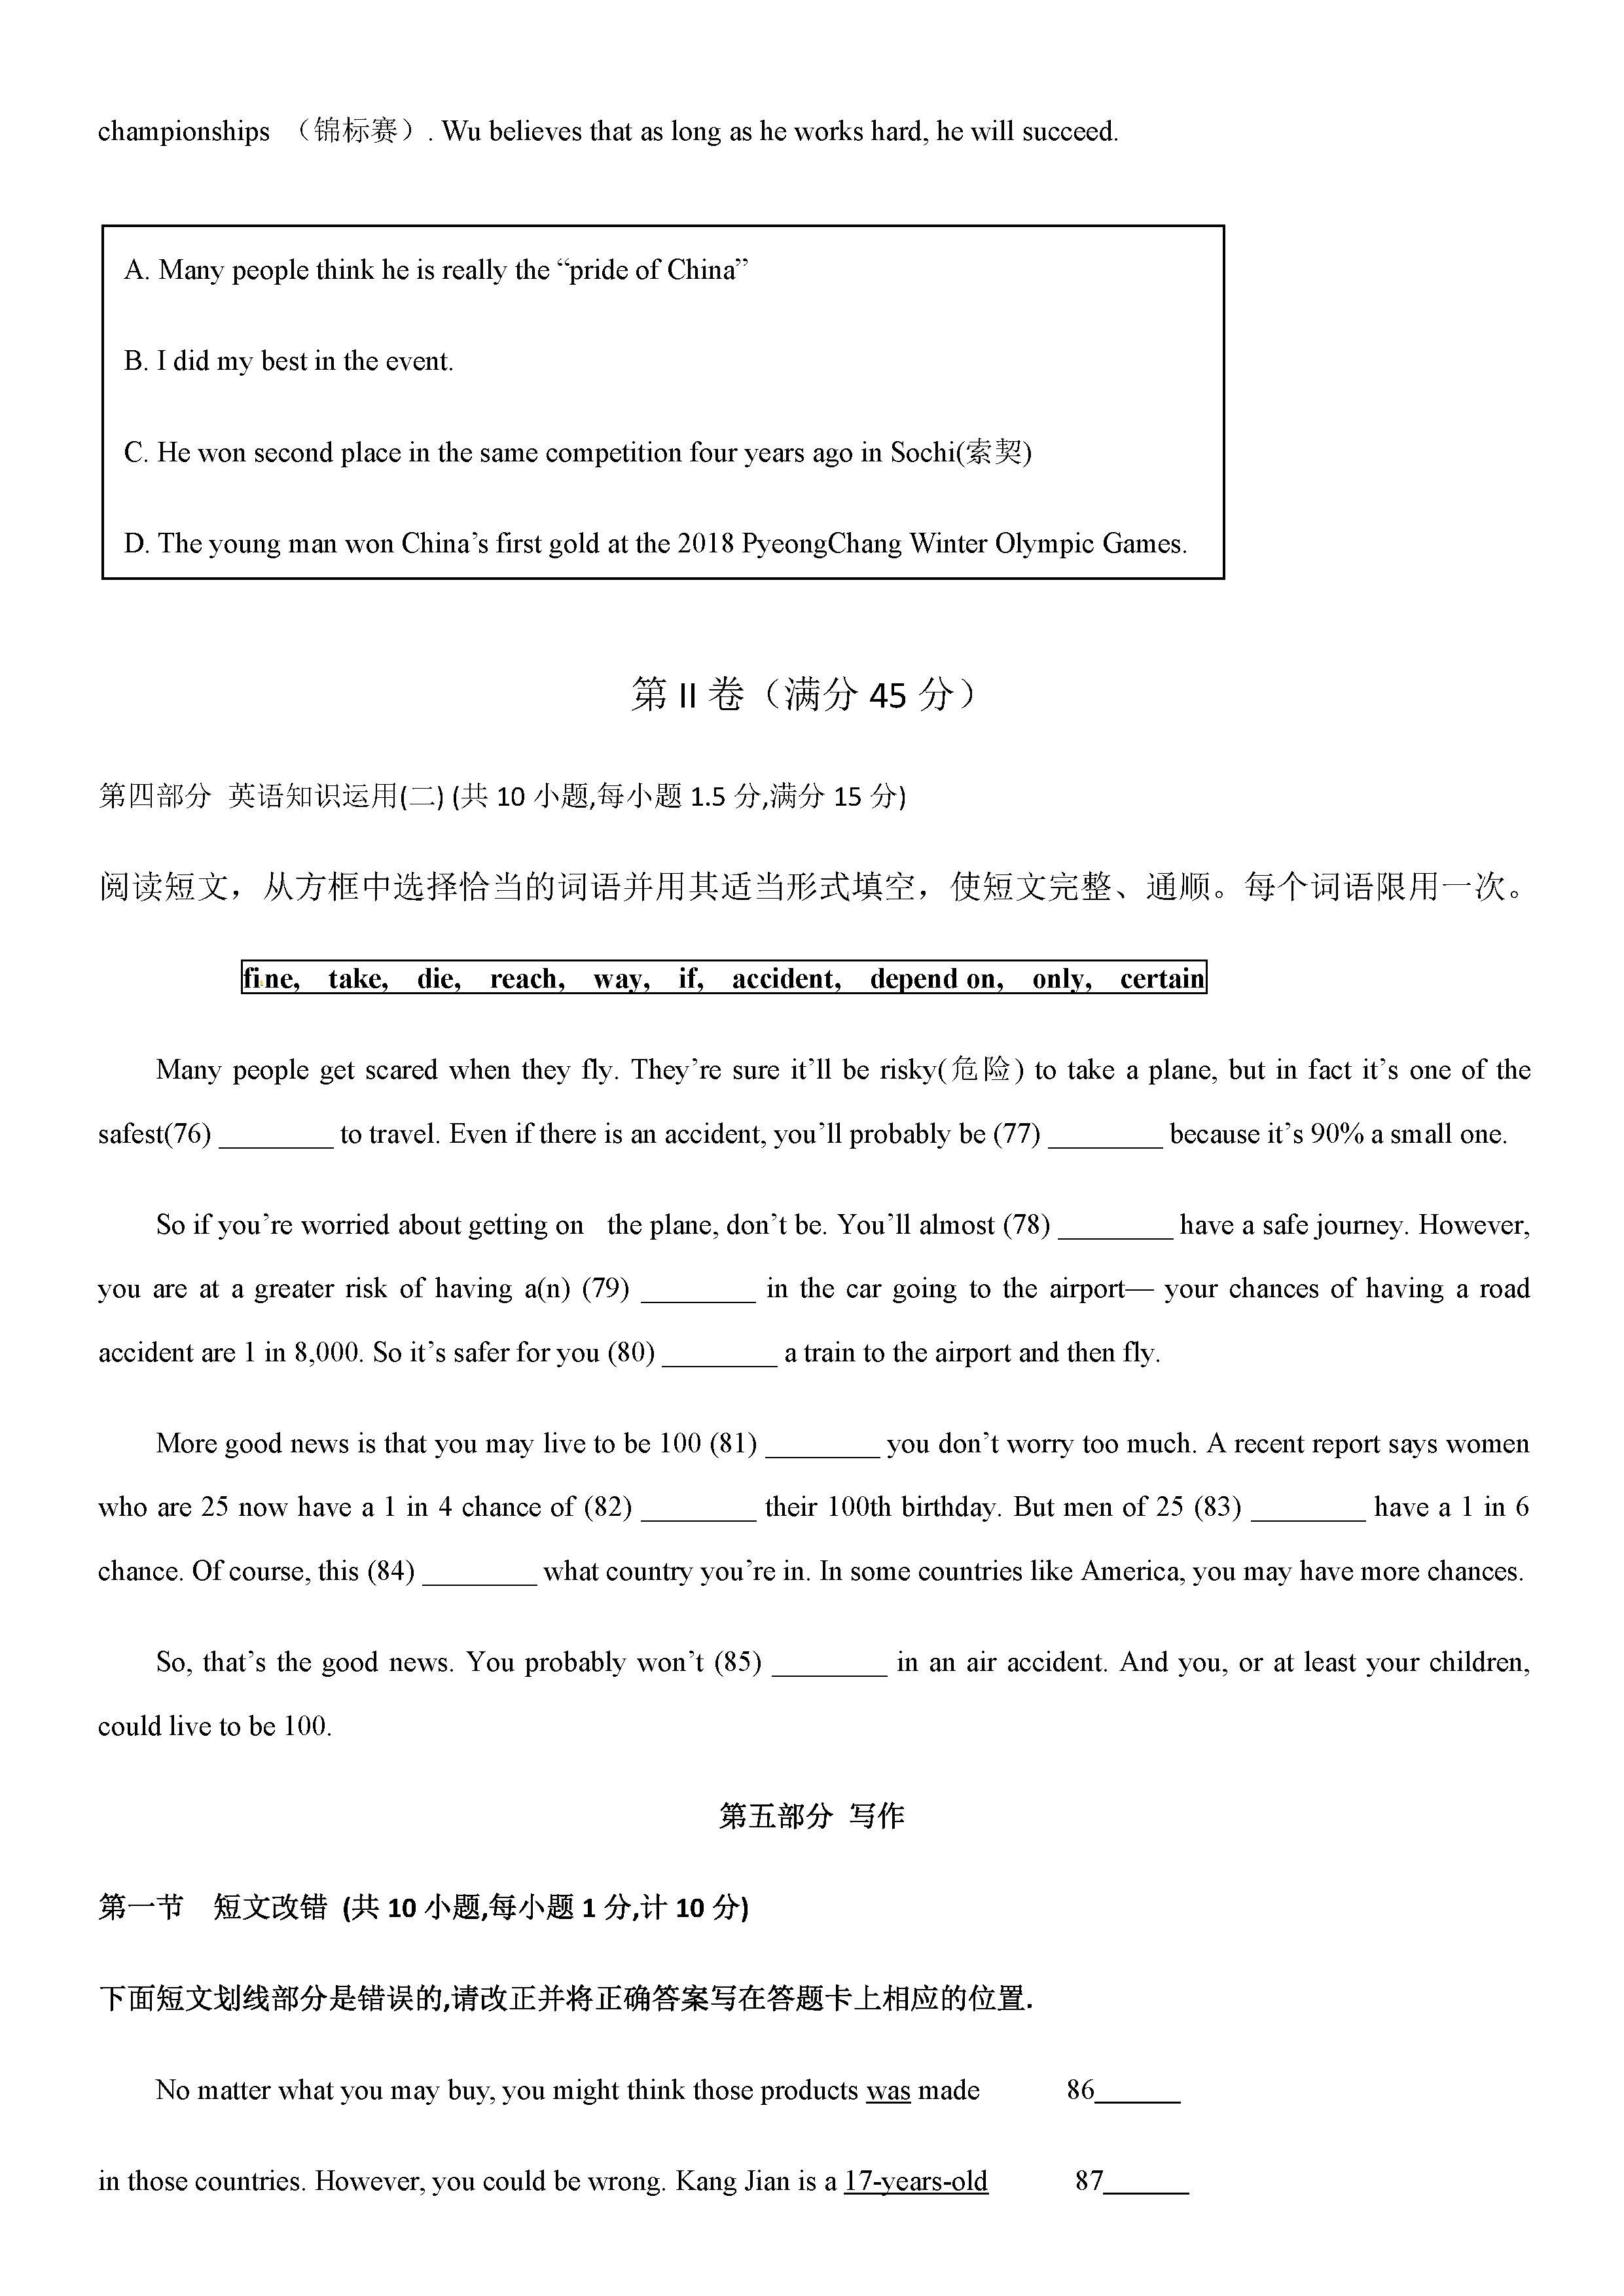 2019-2020四川巴中恩阳区初三期中英语模拟试题及答案(PDF下载版)